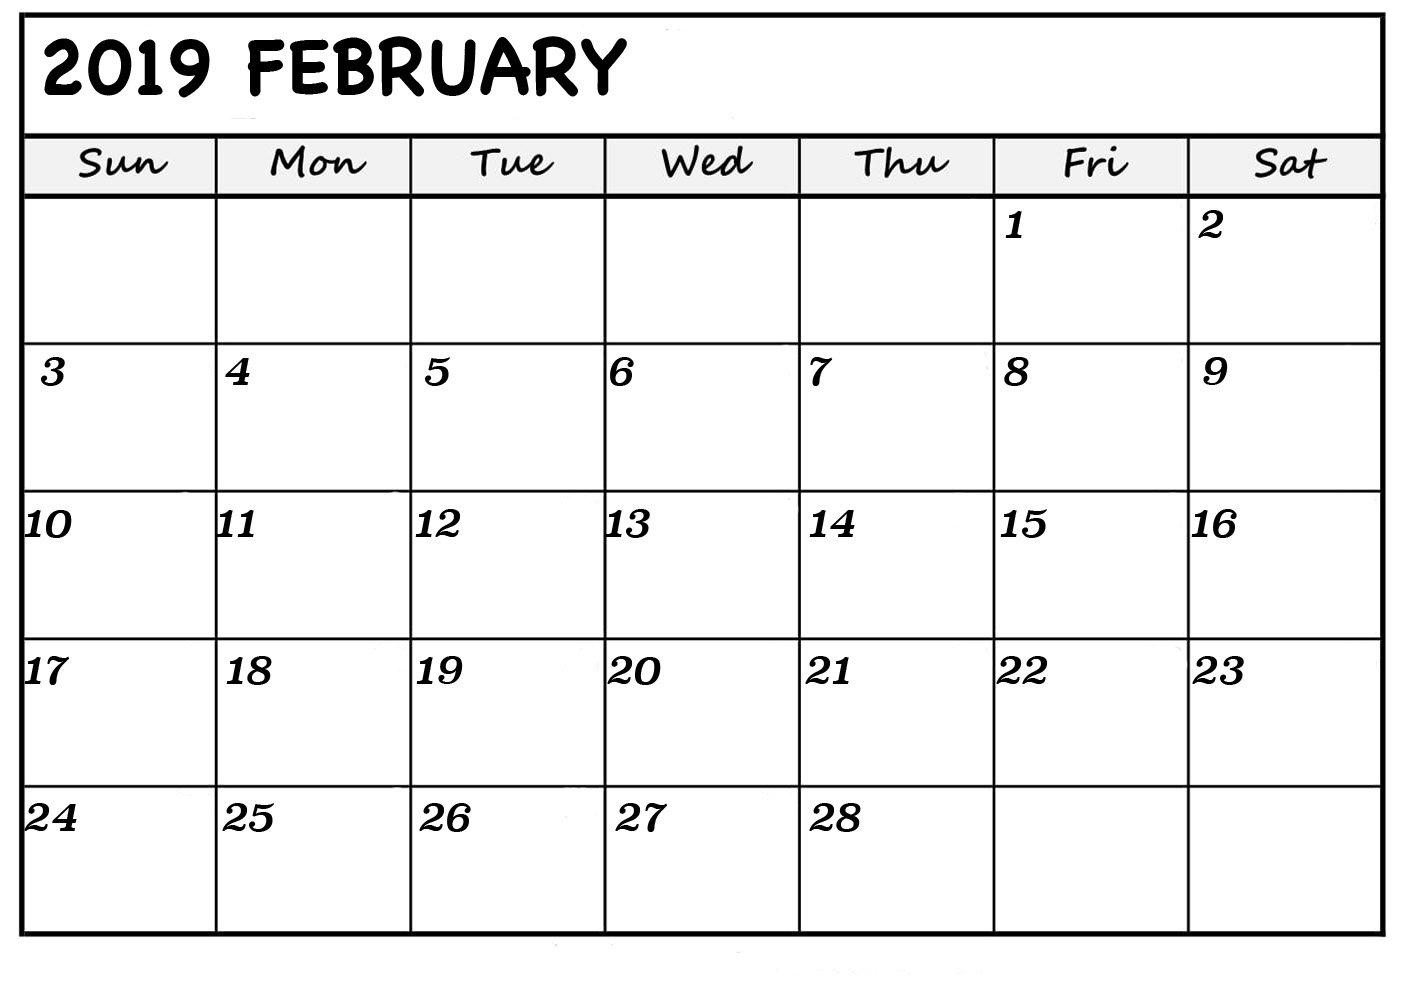 February 2019 Printable Calendars – Fresh Calendars A Calendar For February 2019